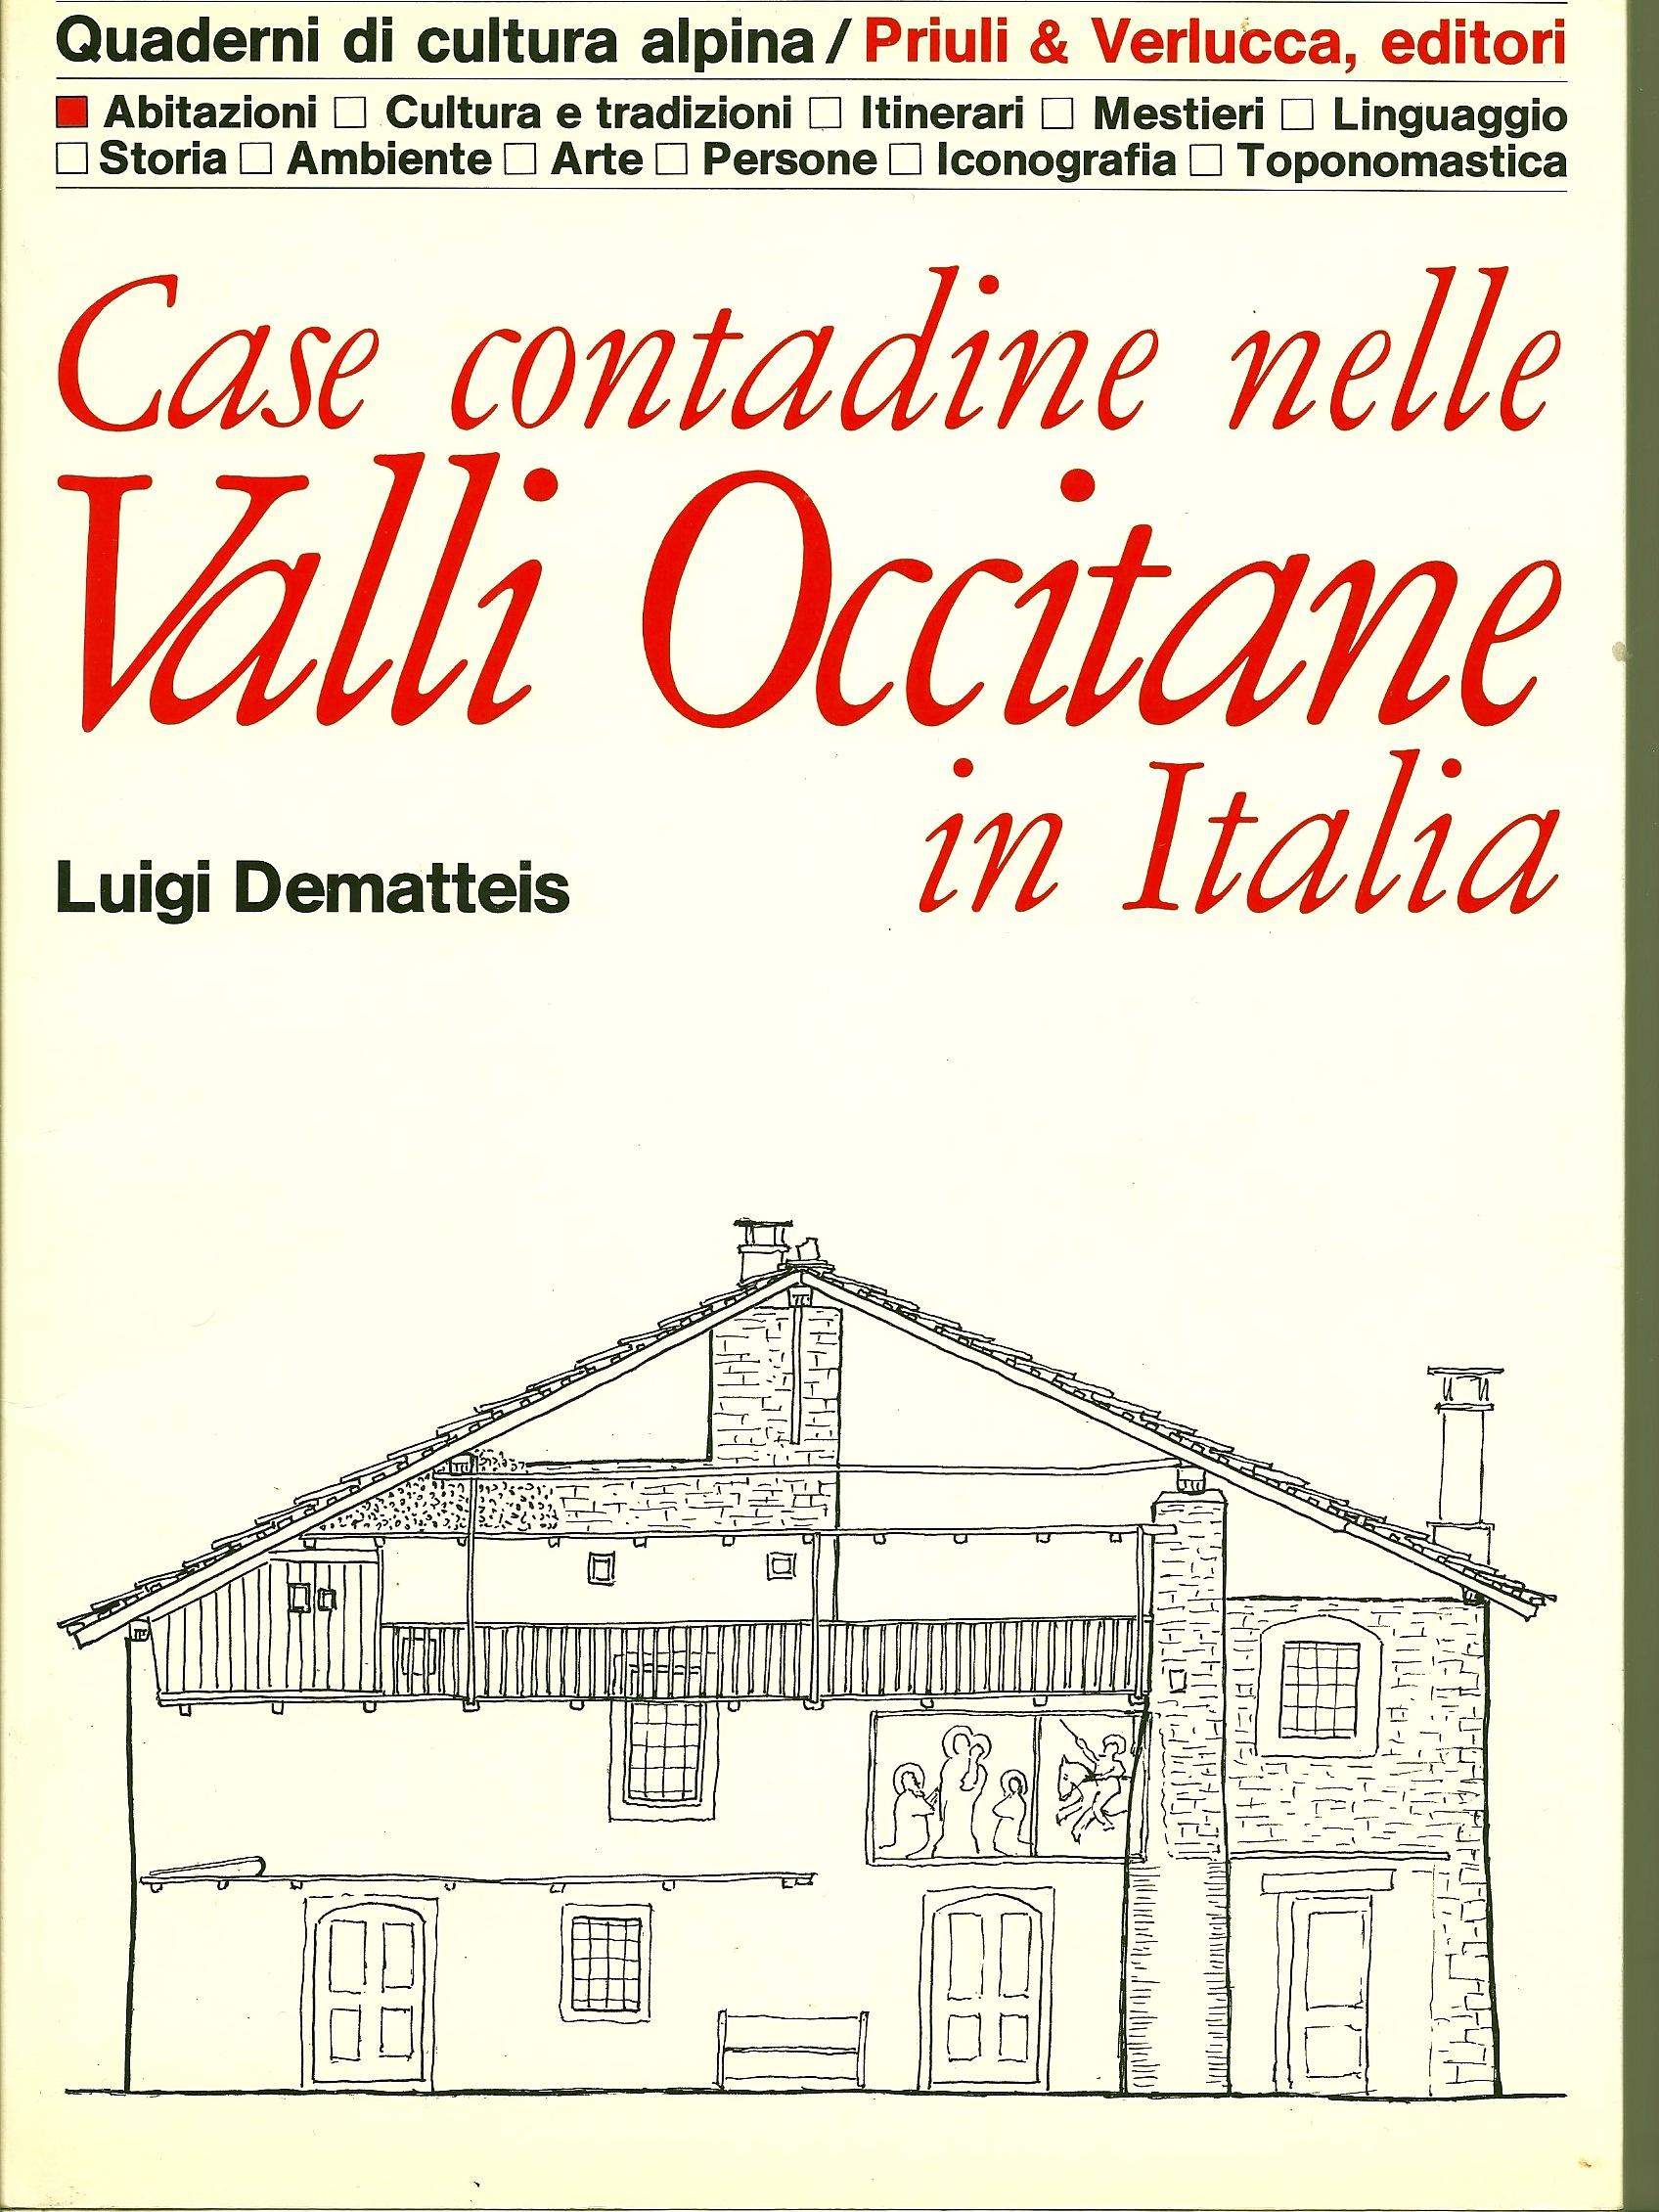 Case contadine nelle valli occitane